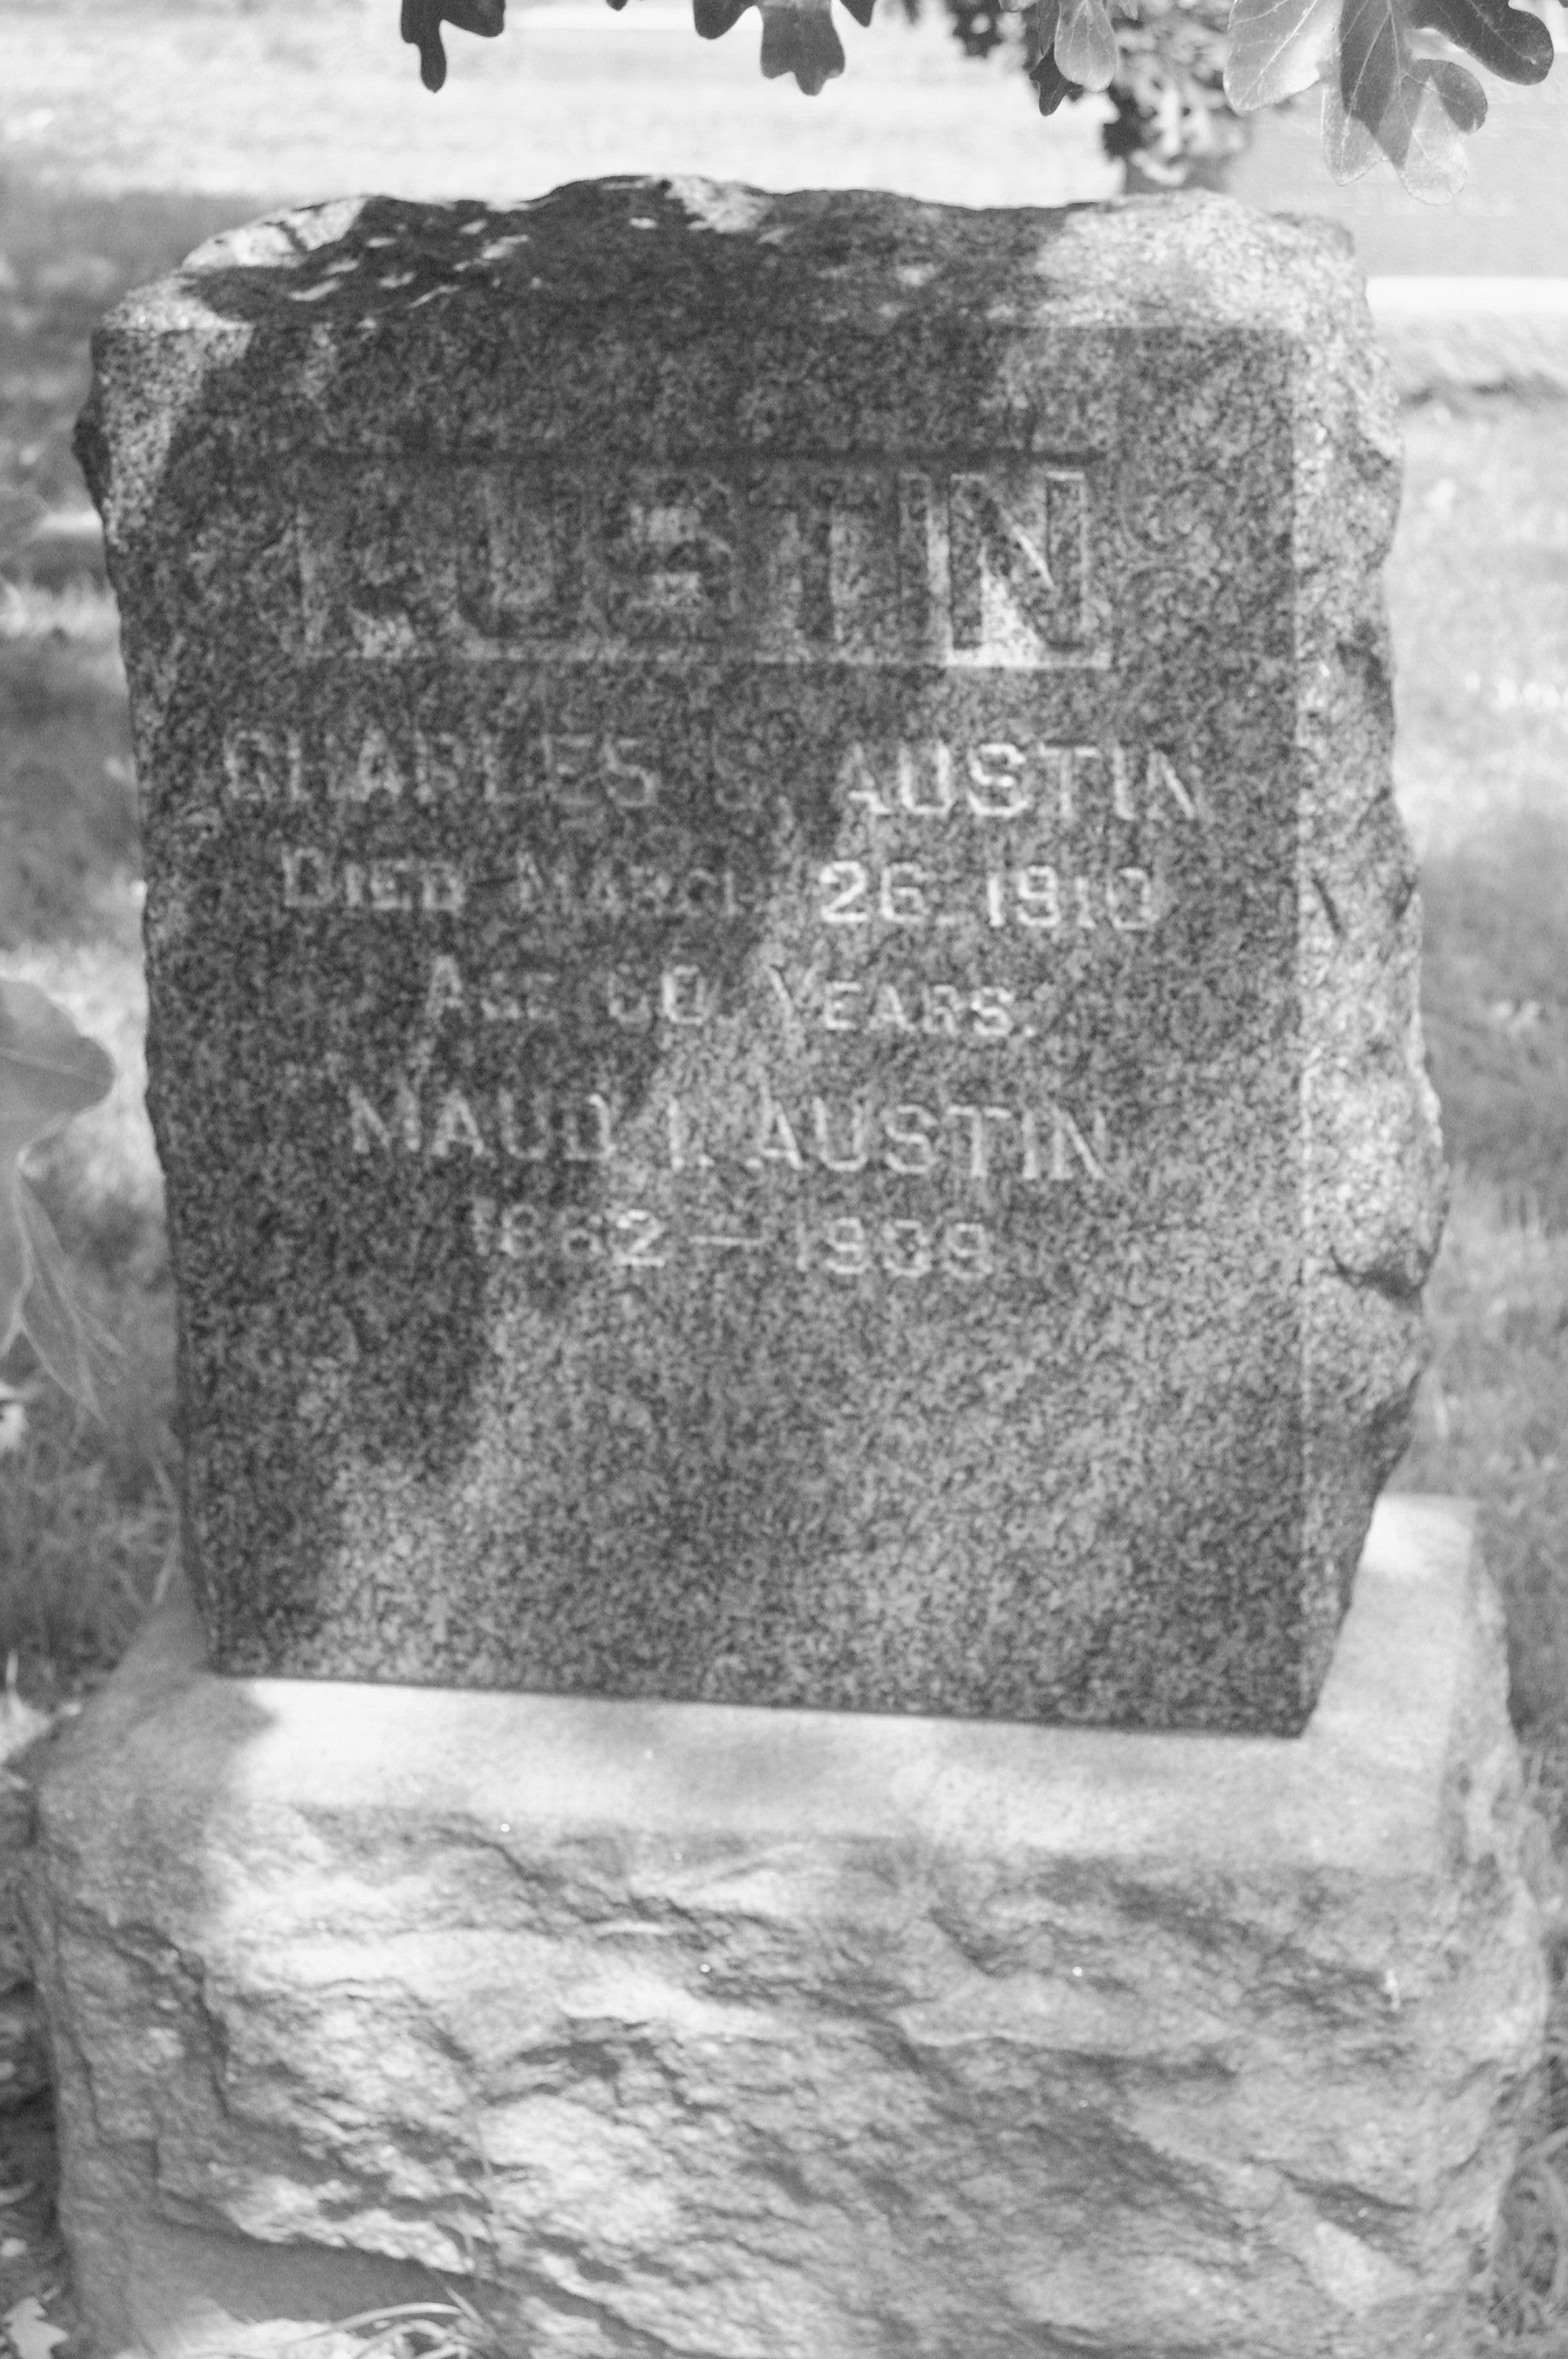 Charles S. Austin